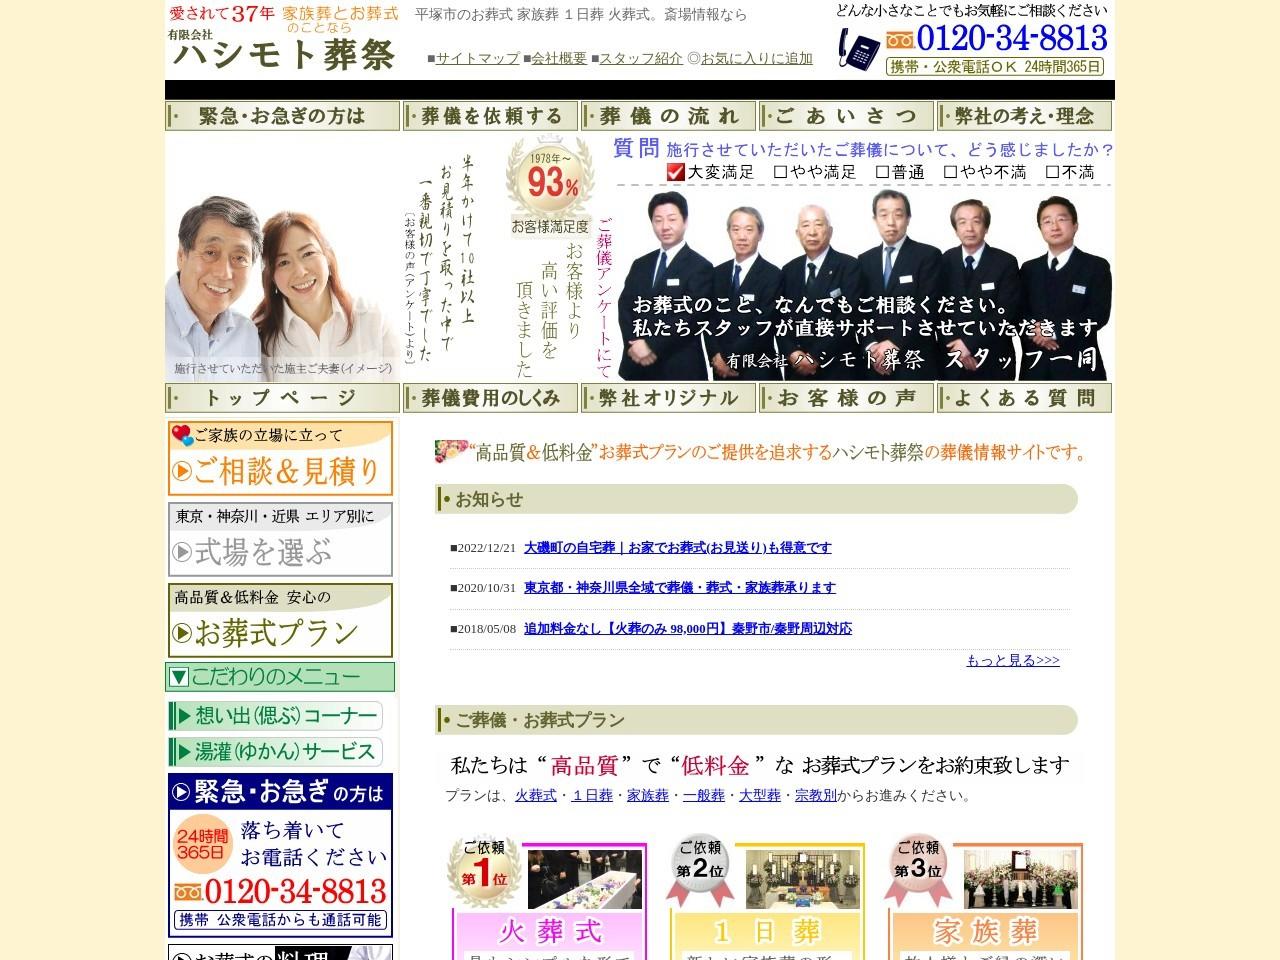 【神奈川県平塚市・葬儀会社】真心込めたお葬式 | ハシモト葬祭